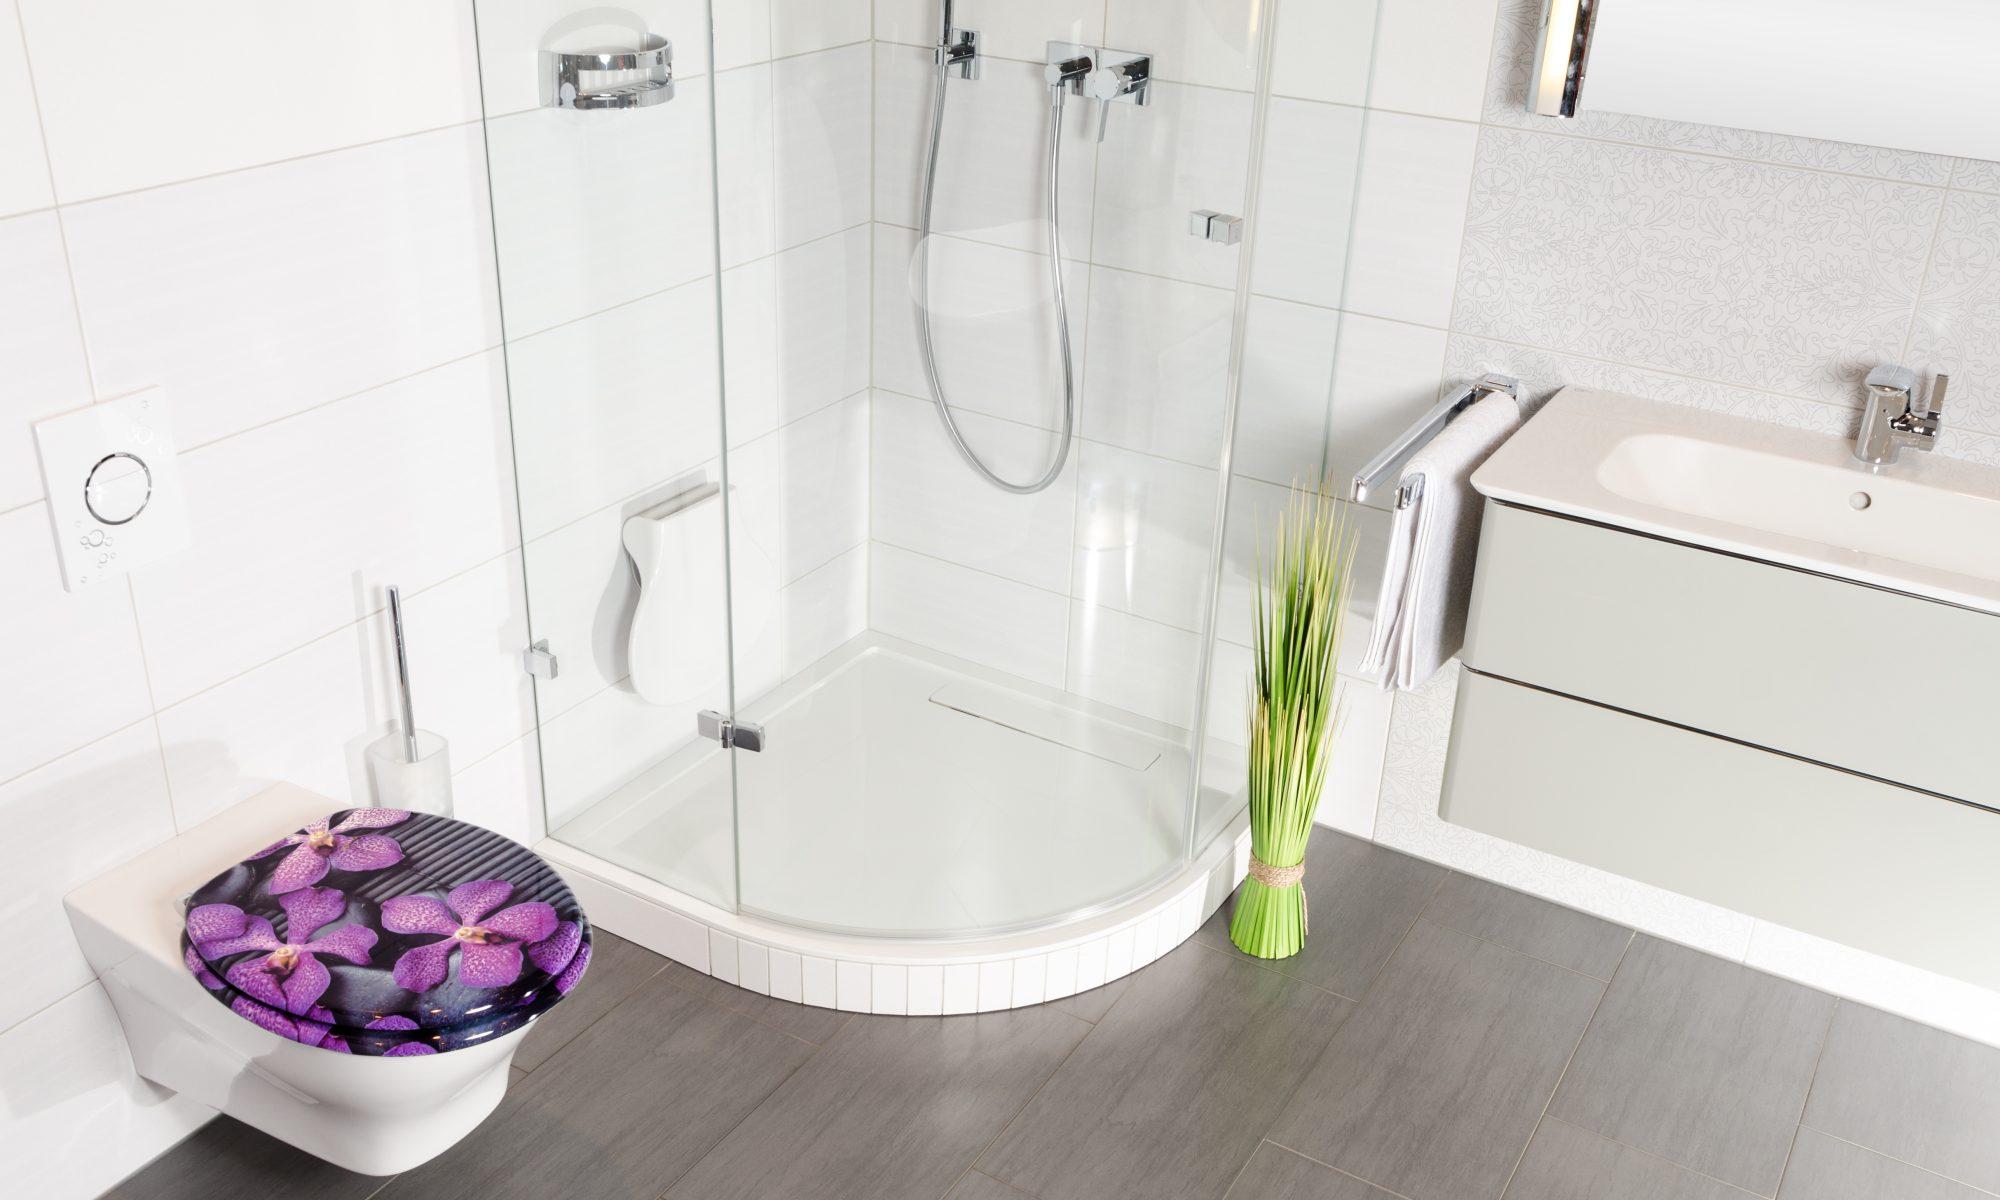 wc montage swalif. Black Bedroom Furniture Sets. Home Design Ideas